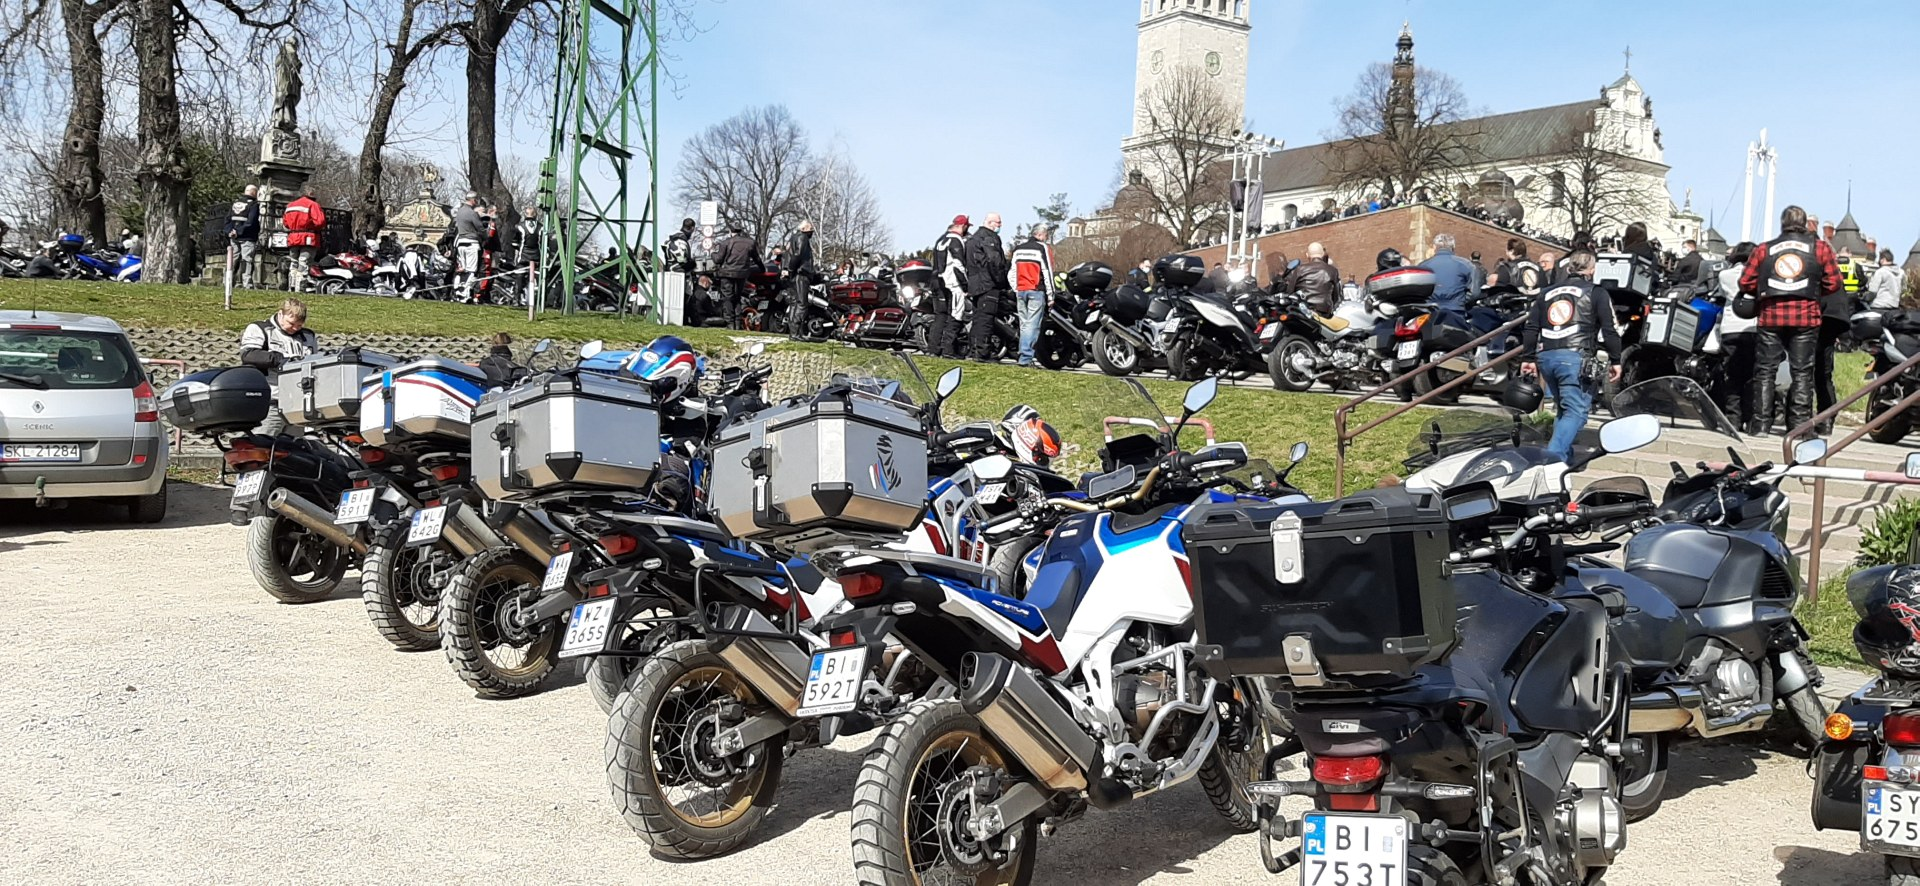 09 Otwarcie Sezonu Motocyklowego Zlot Gwiazdzisty w Czestochowie 2021